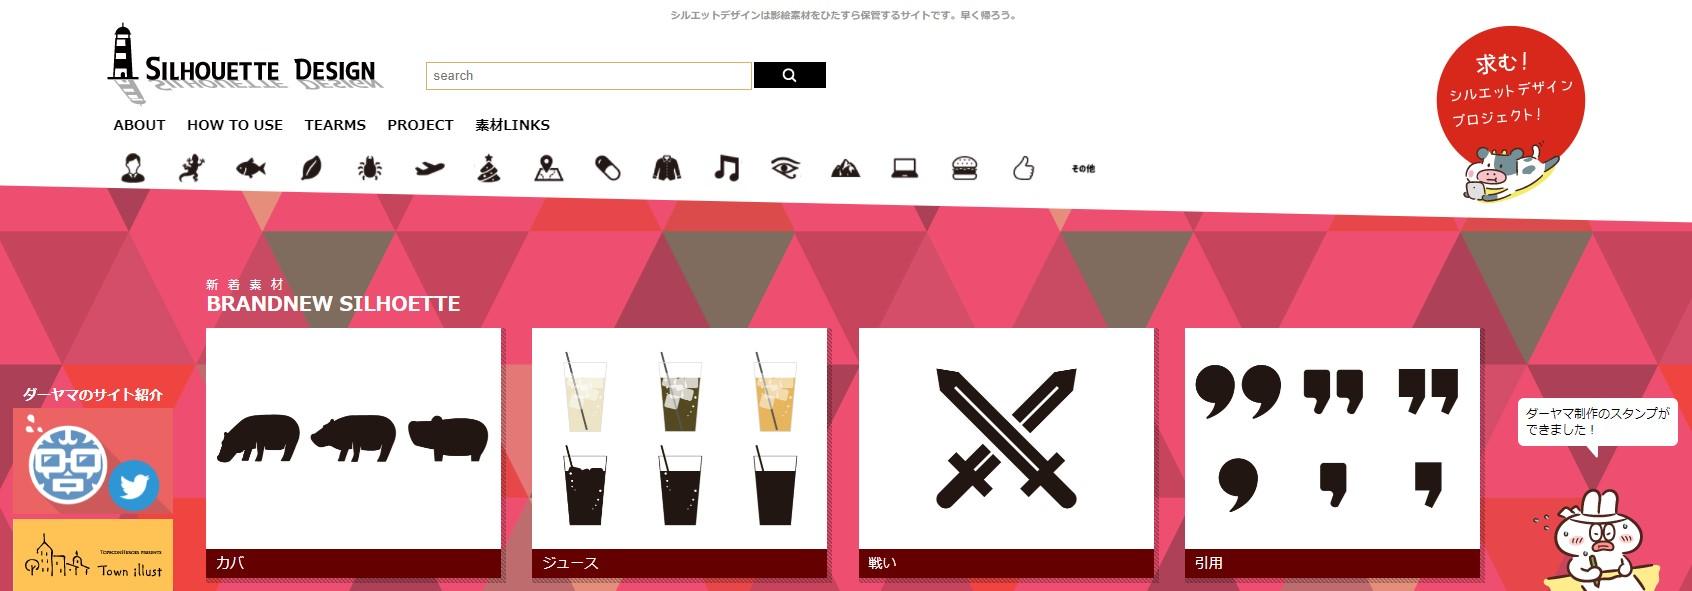 SILHOUETTE DESIGN – シルエット素材専門サイト